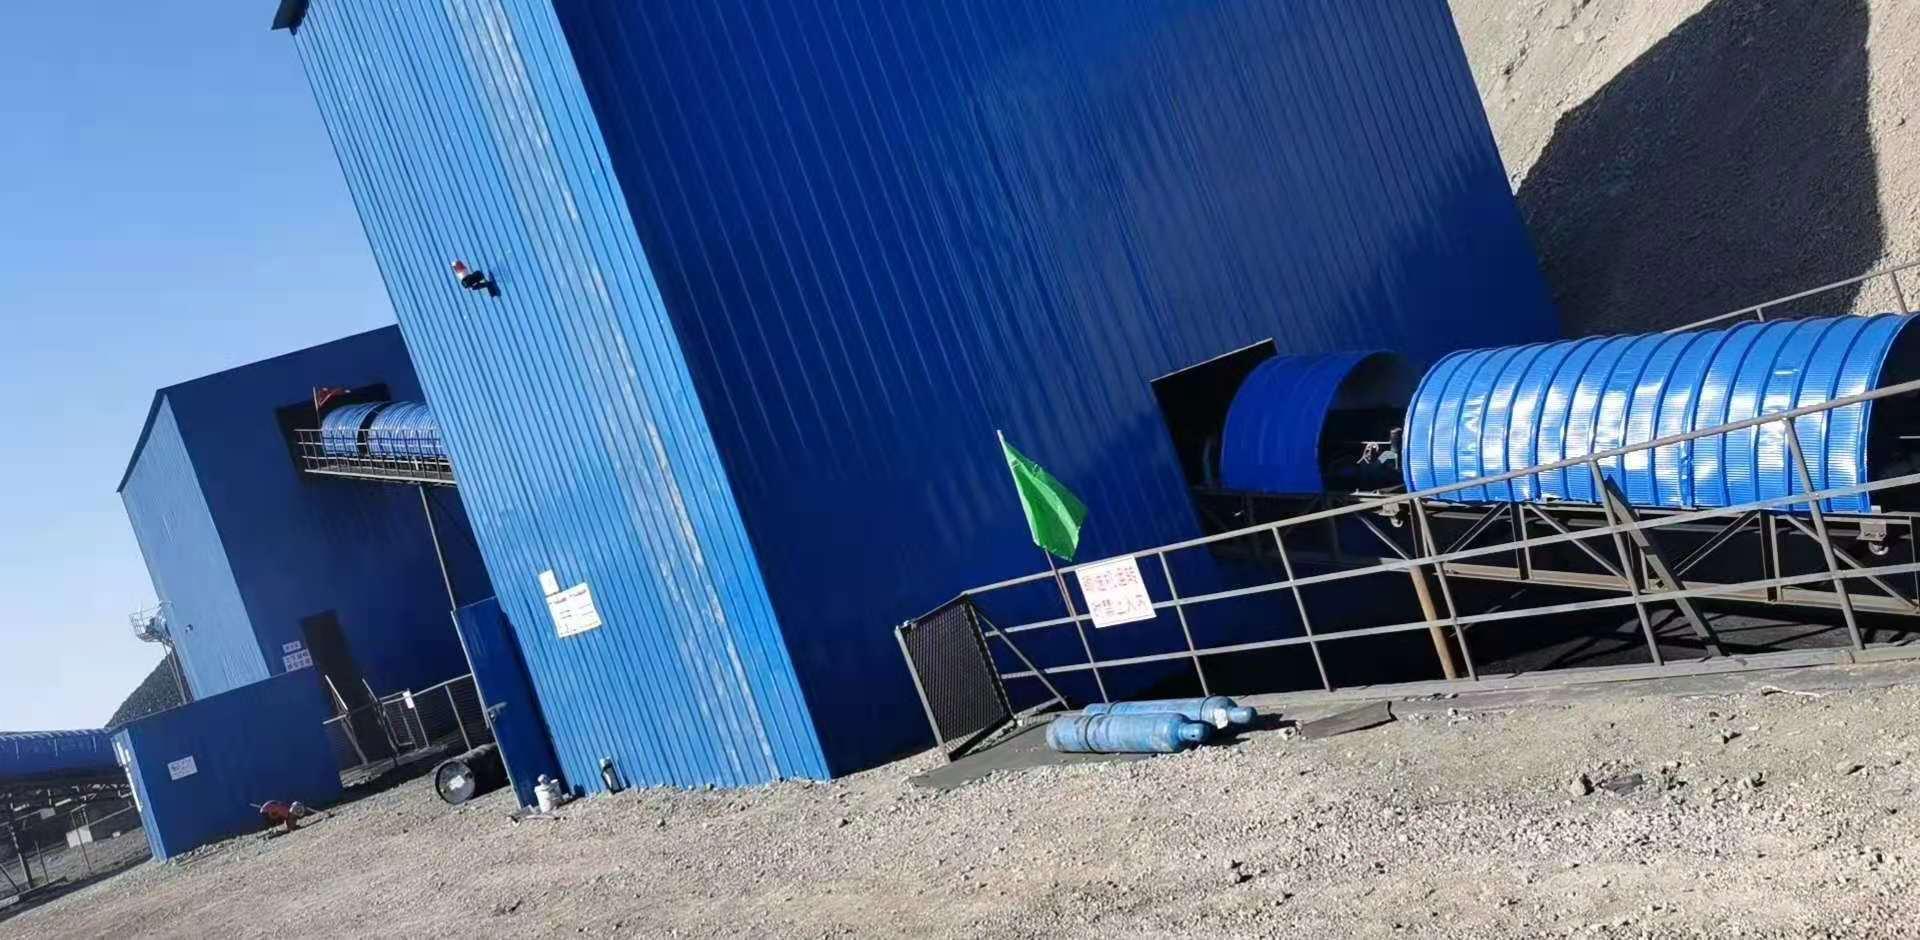 新疆|阿勒泰120米皮帶秤安裝調試完畢,感謝您的信任!